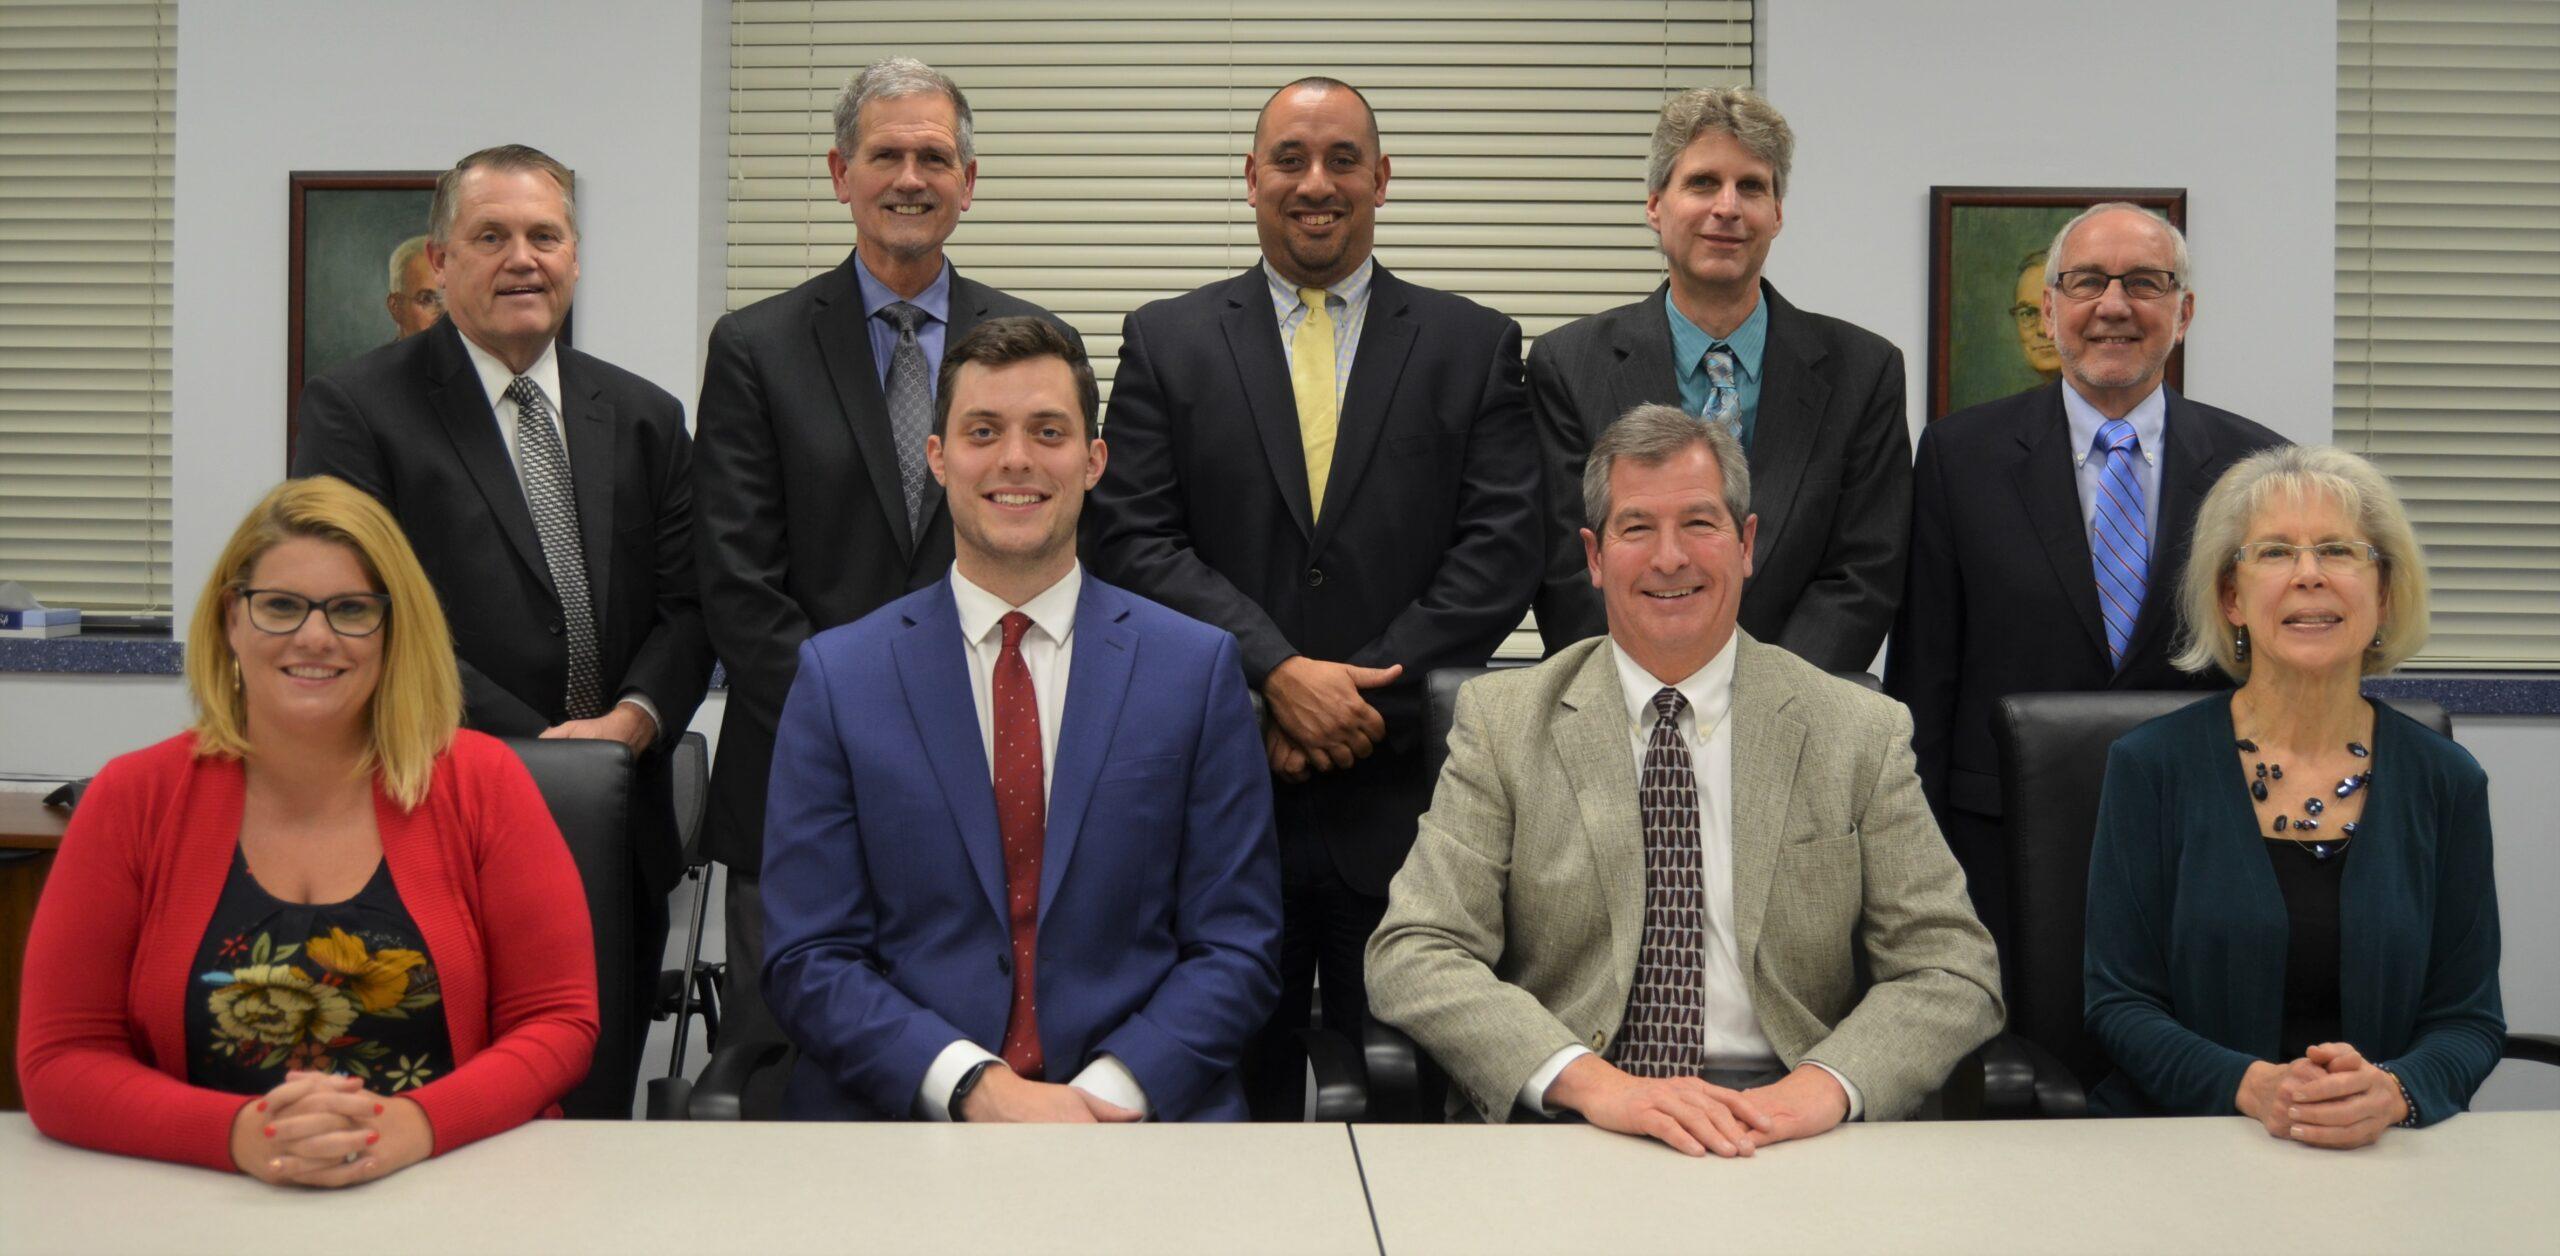 Penn Manor board of school directors